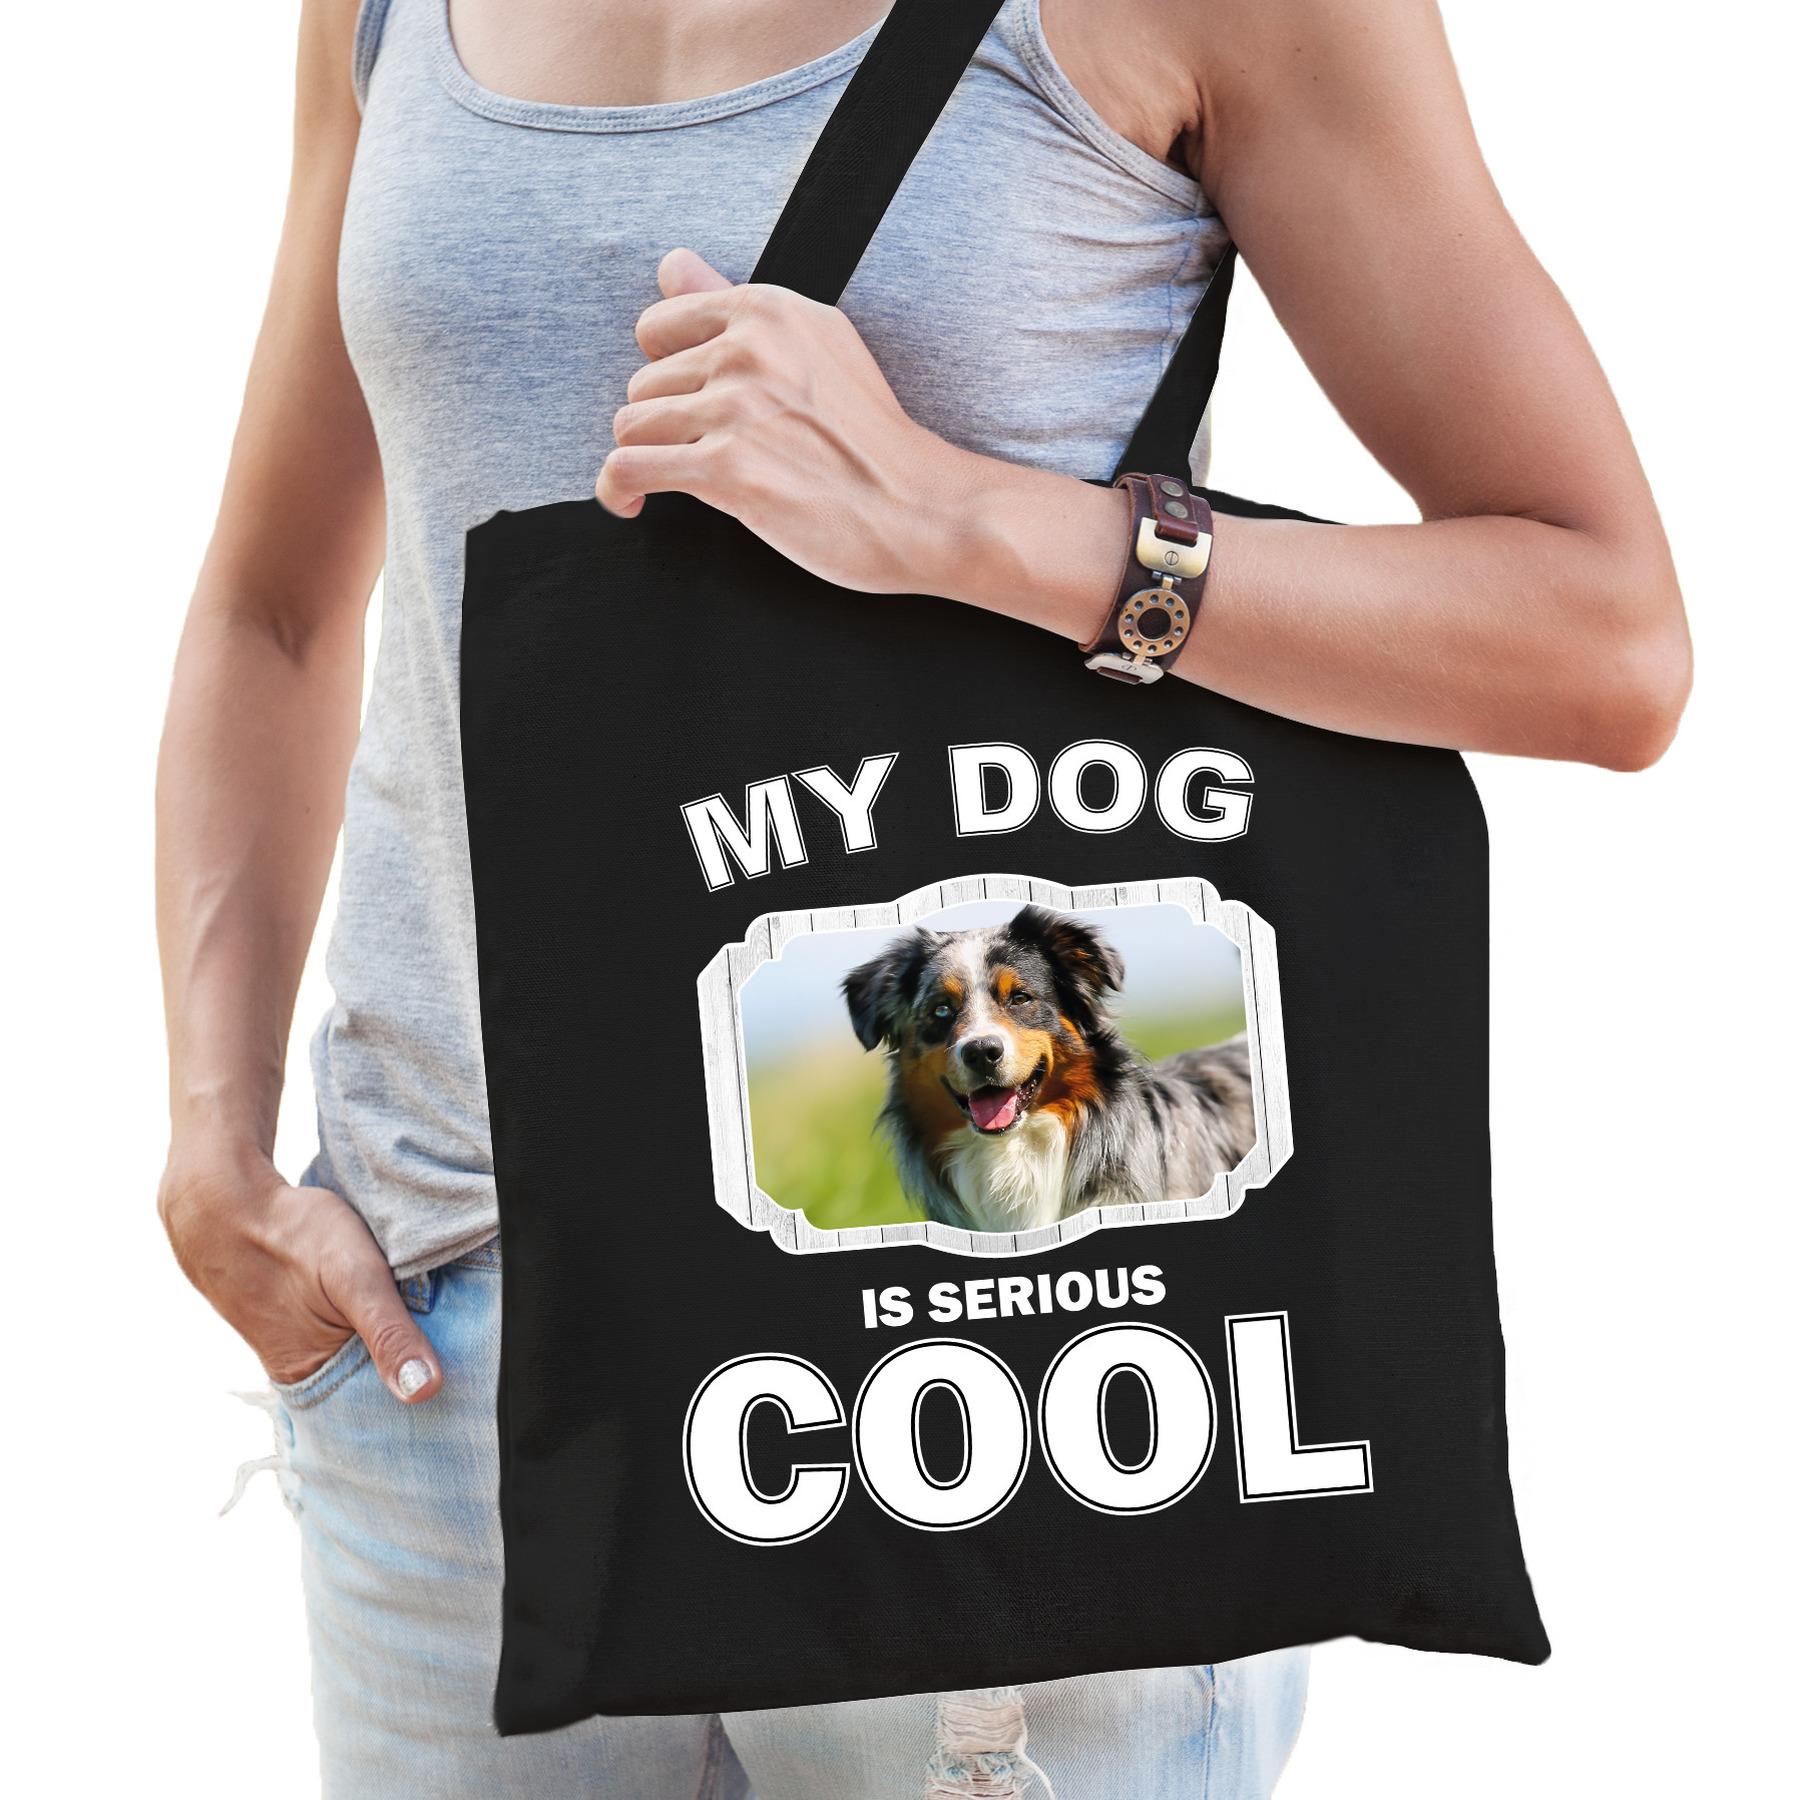 Katoenen tasje my dog is serious cool zwart - Australische herder honden cadeau tas